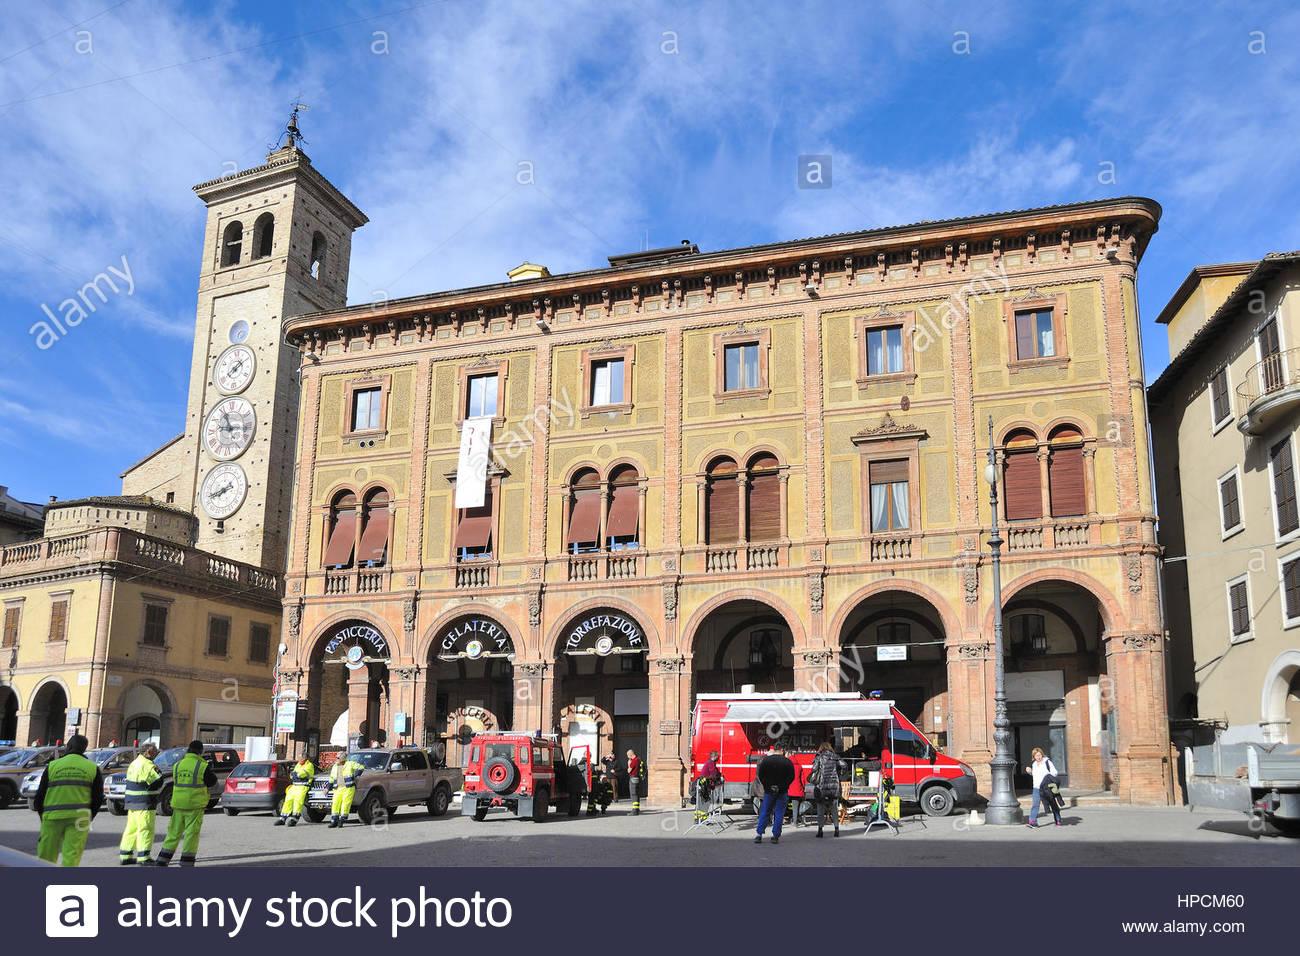 post-earthquake operational core,October 2016,piazza della libertà,tolentino,Italy - Stock Image